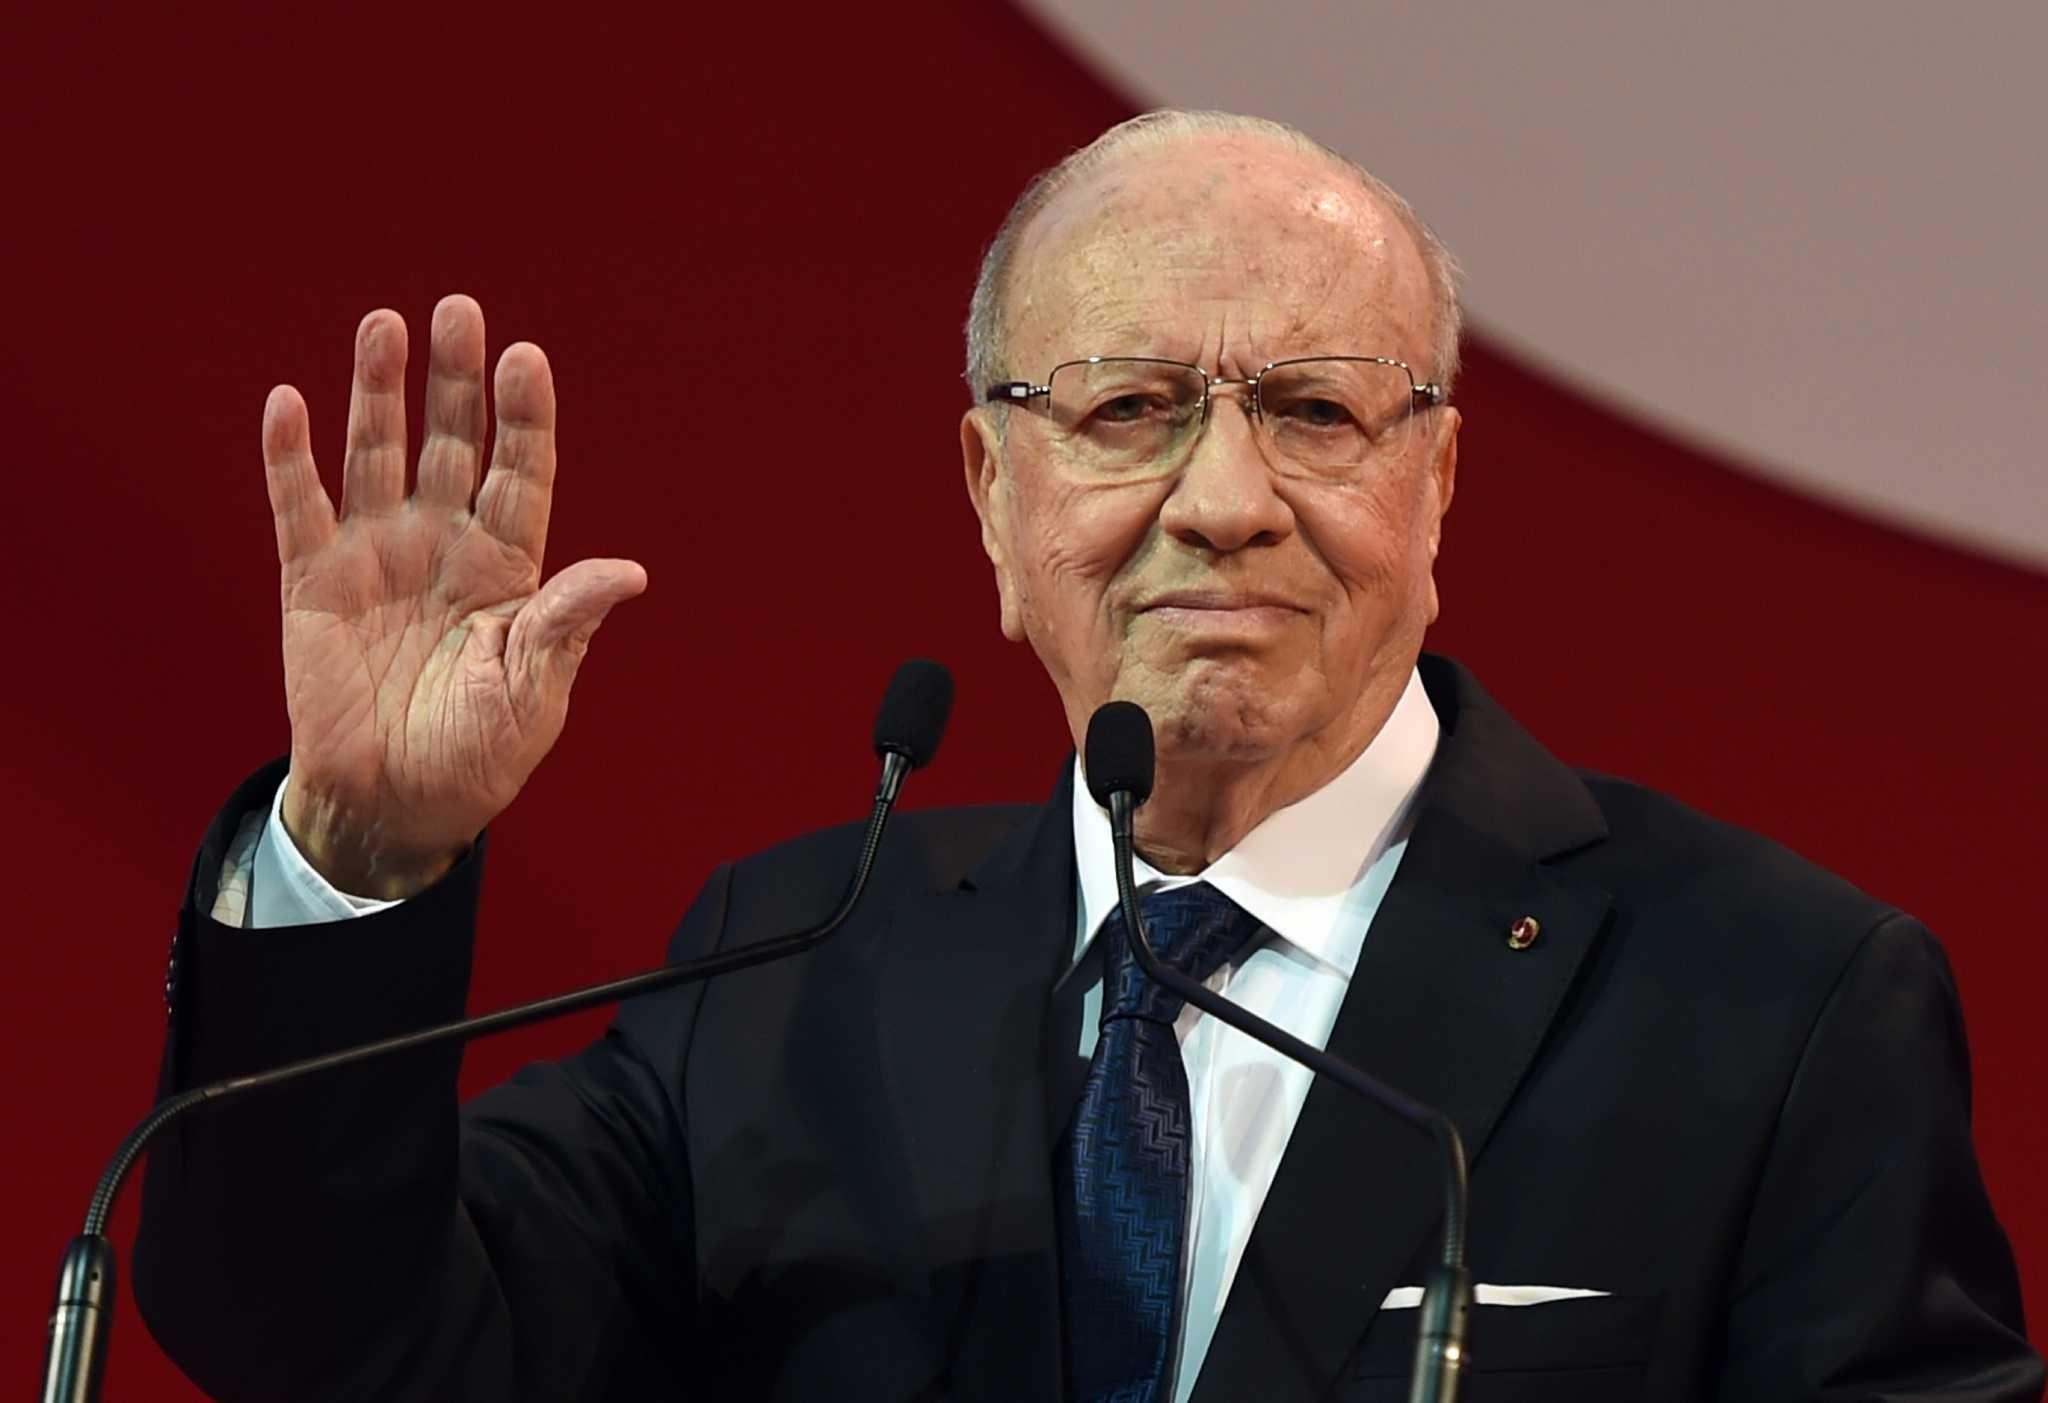 باجي قايد السبسي Beji Kaid Essebssi